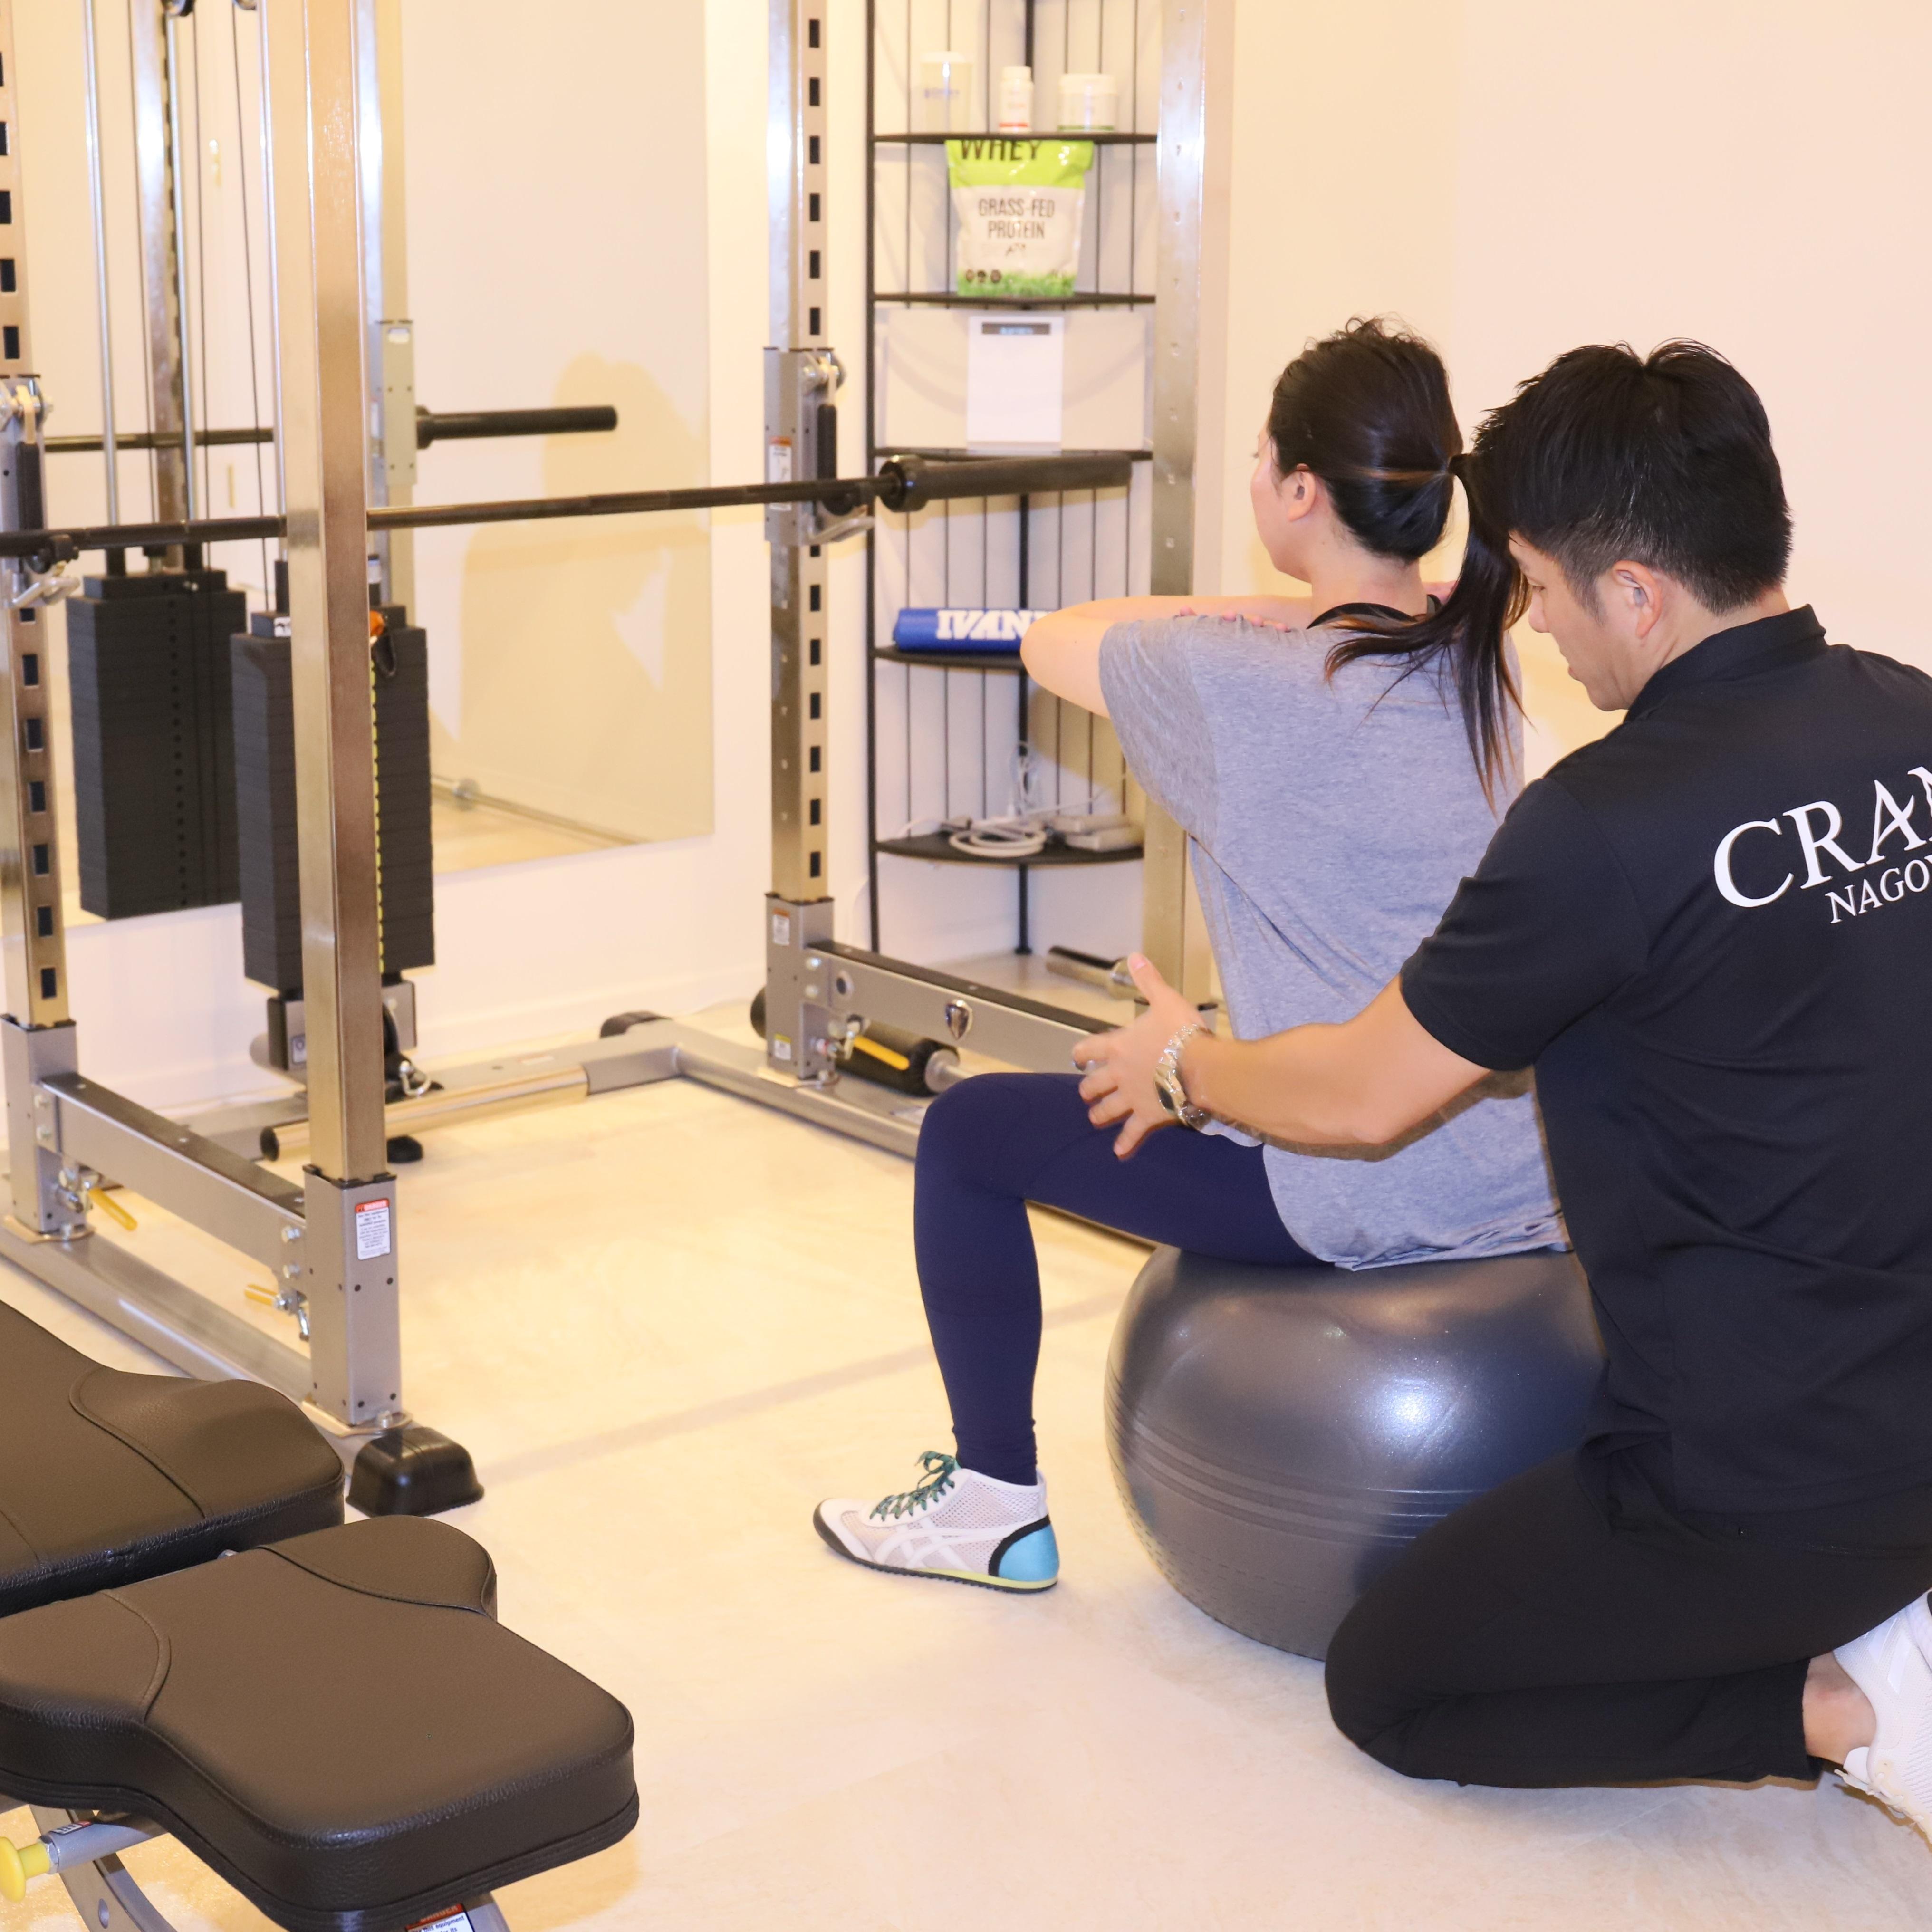 名古屋・栄のパーソナルトレーニングジム「CRANE」の減量コースを体験~食事指導編~